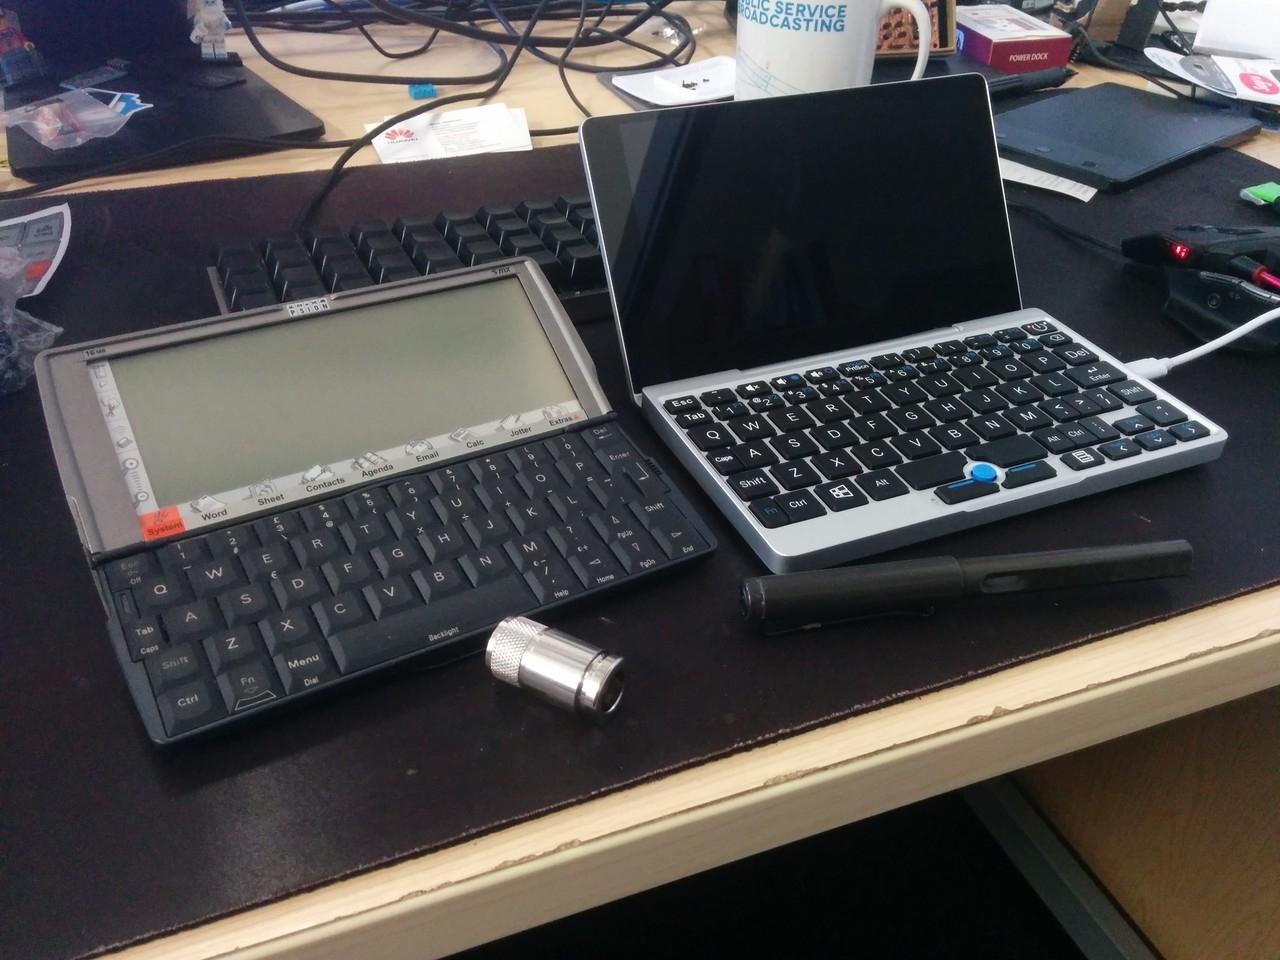 GPD Pocket vs Psion 5mx